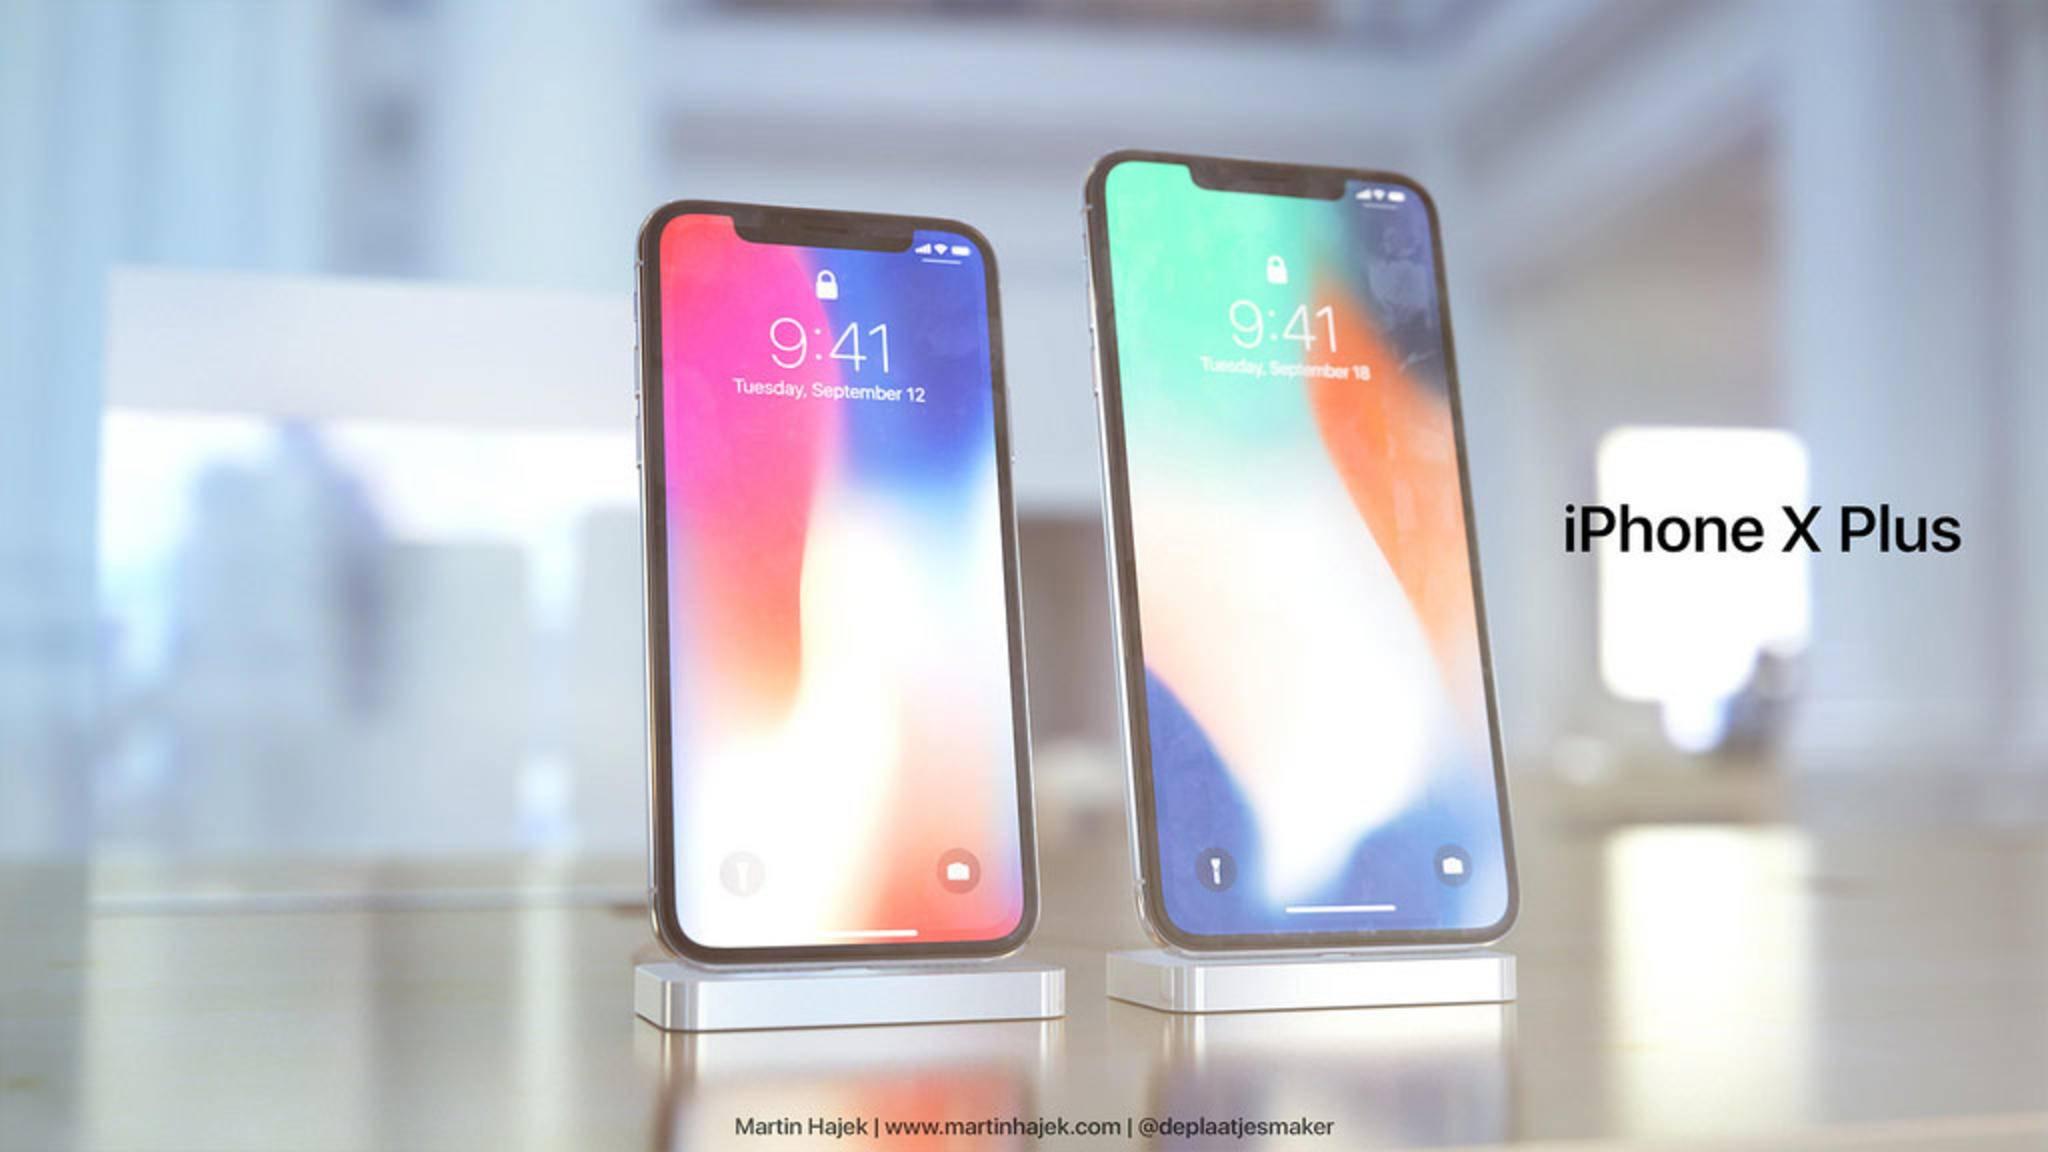 Das iPhone X Plus soll nicht größer als das iPhone 8 Plus ausfallen, aber dennoch mehr Bildschirmdiagonale bieten.